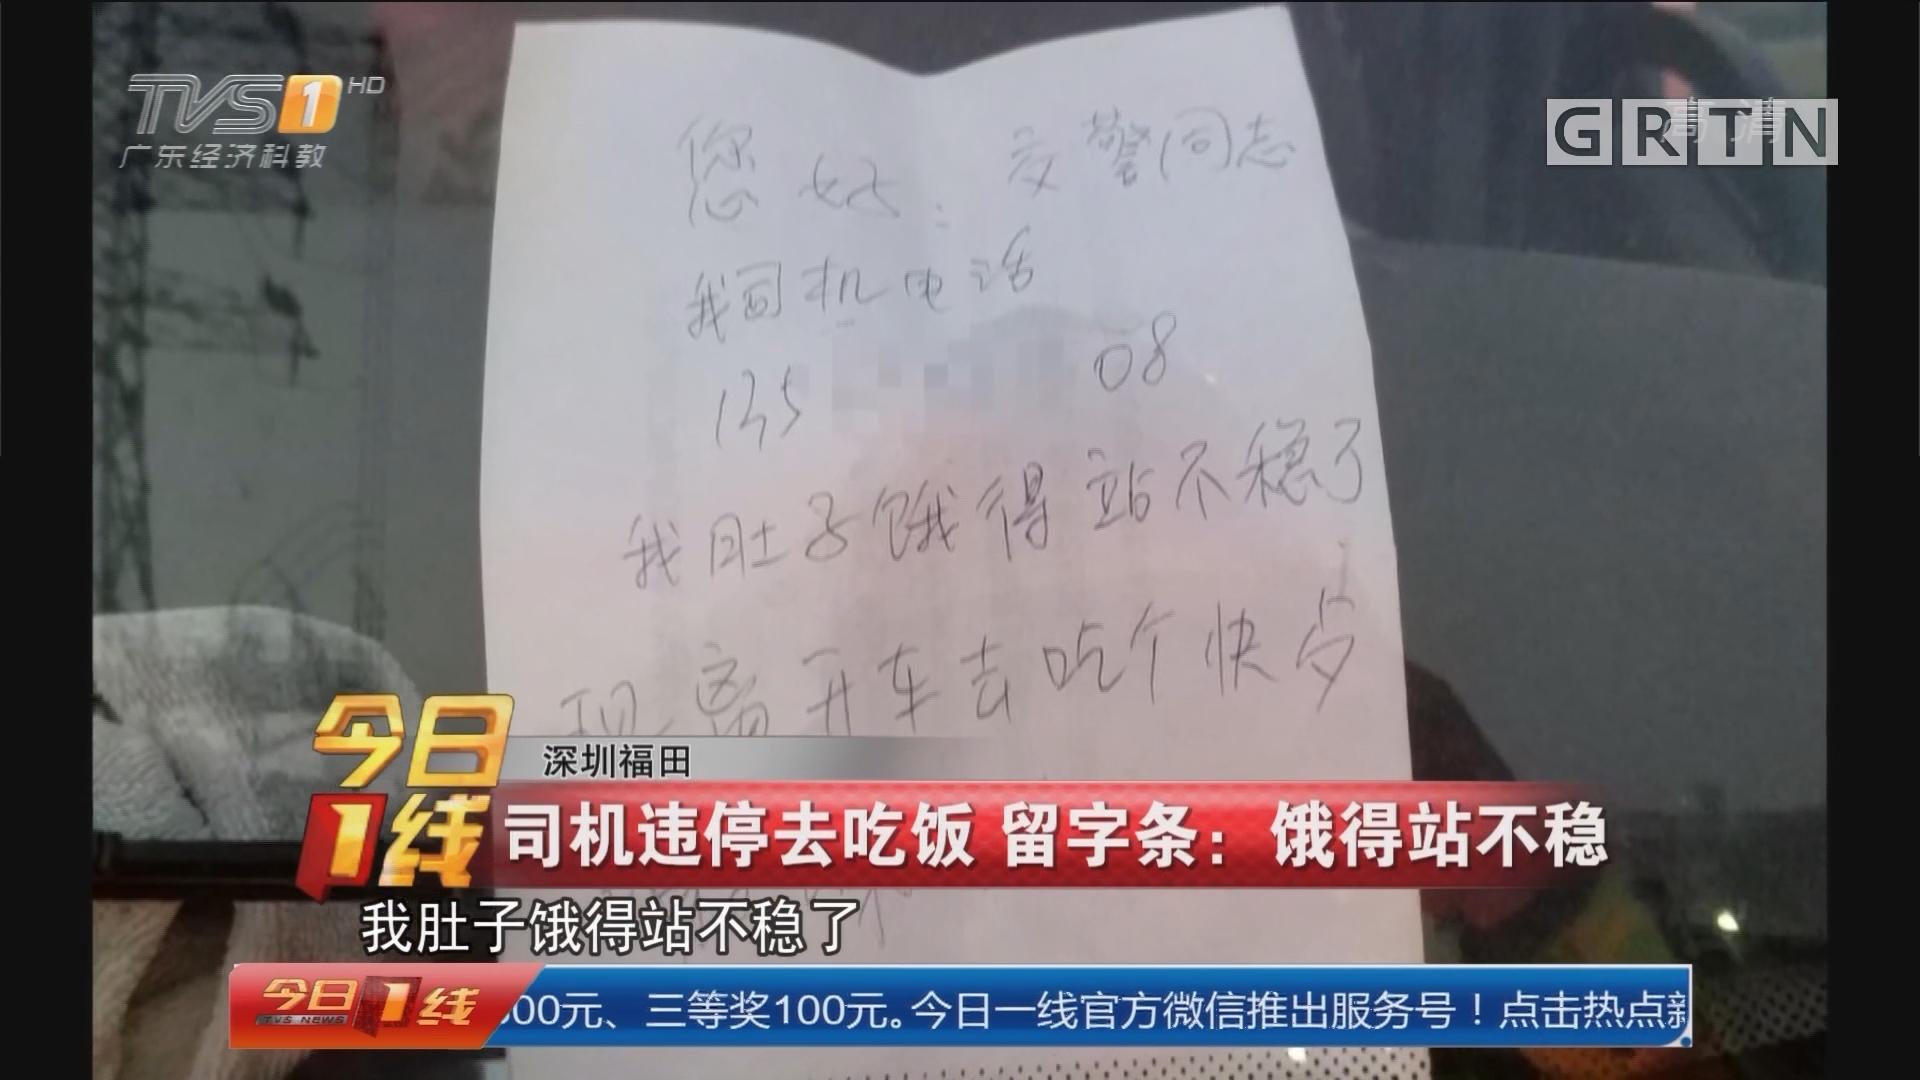 深圳福田 司机违停去吃饭 留字条:饿得站不稳